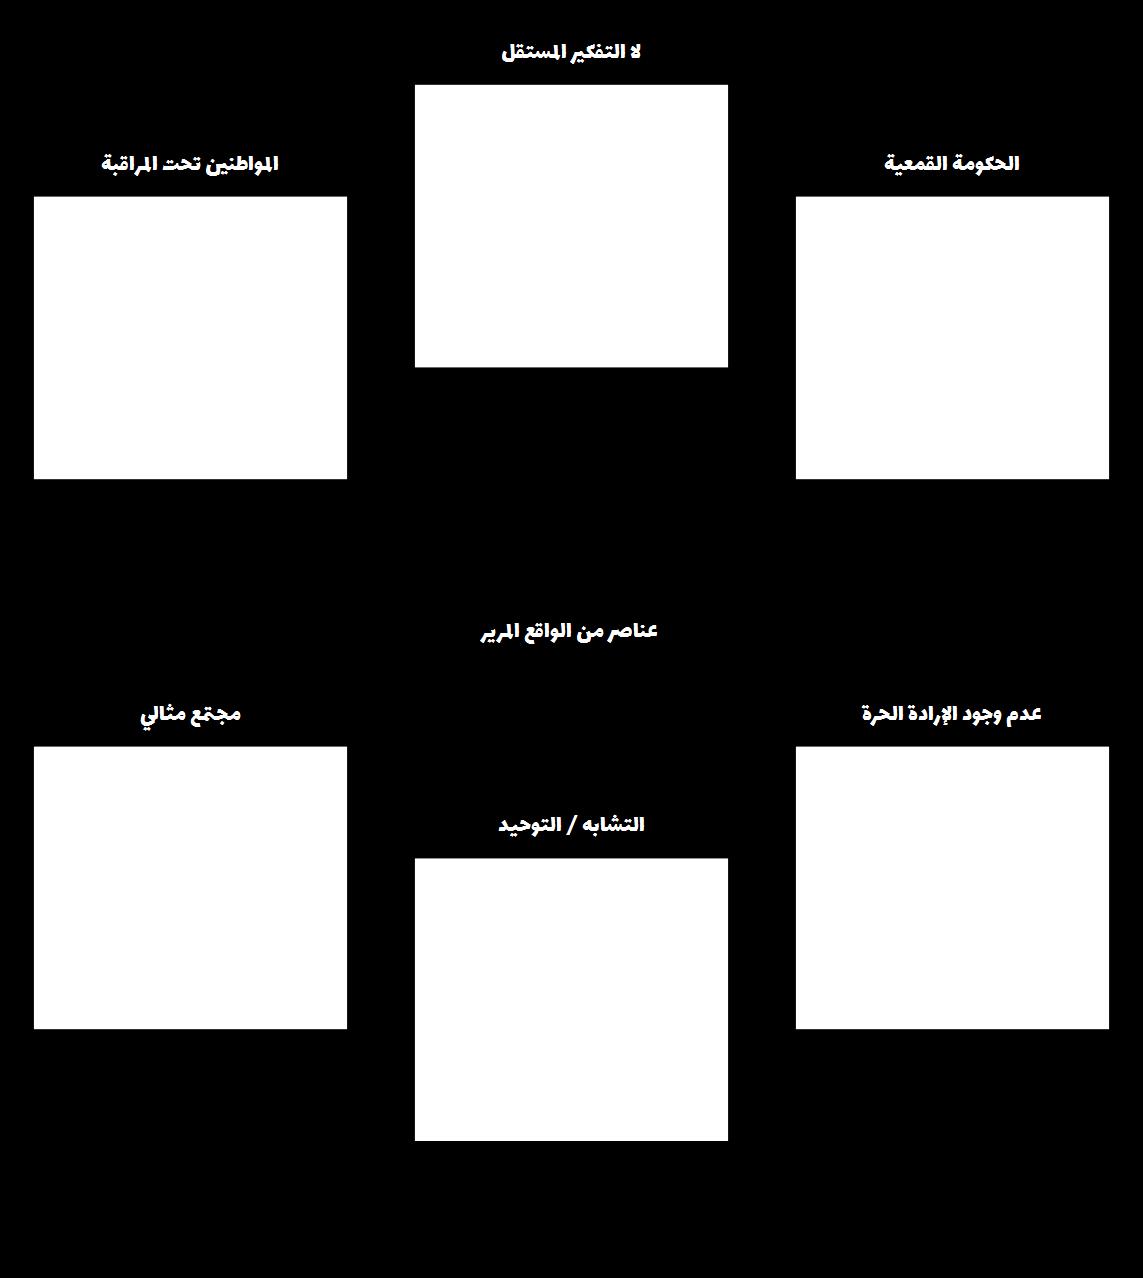 عناصر قالب الواقع المرير